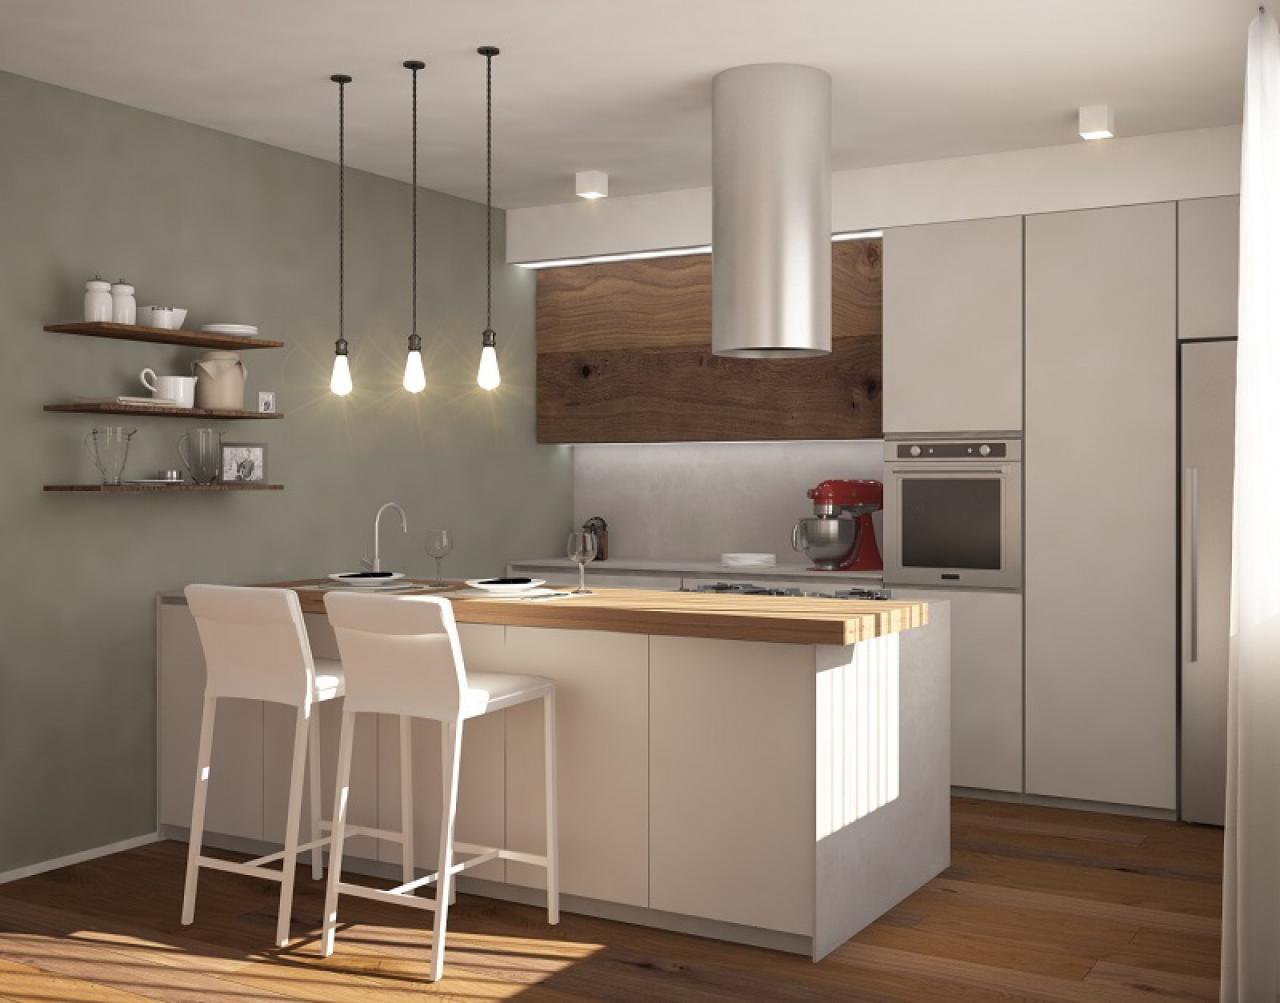 Cucine moderne a Vicenza | Fratelli Pellizzari